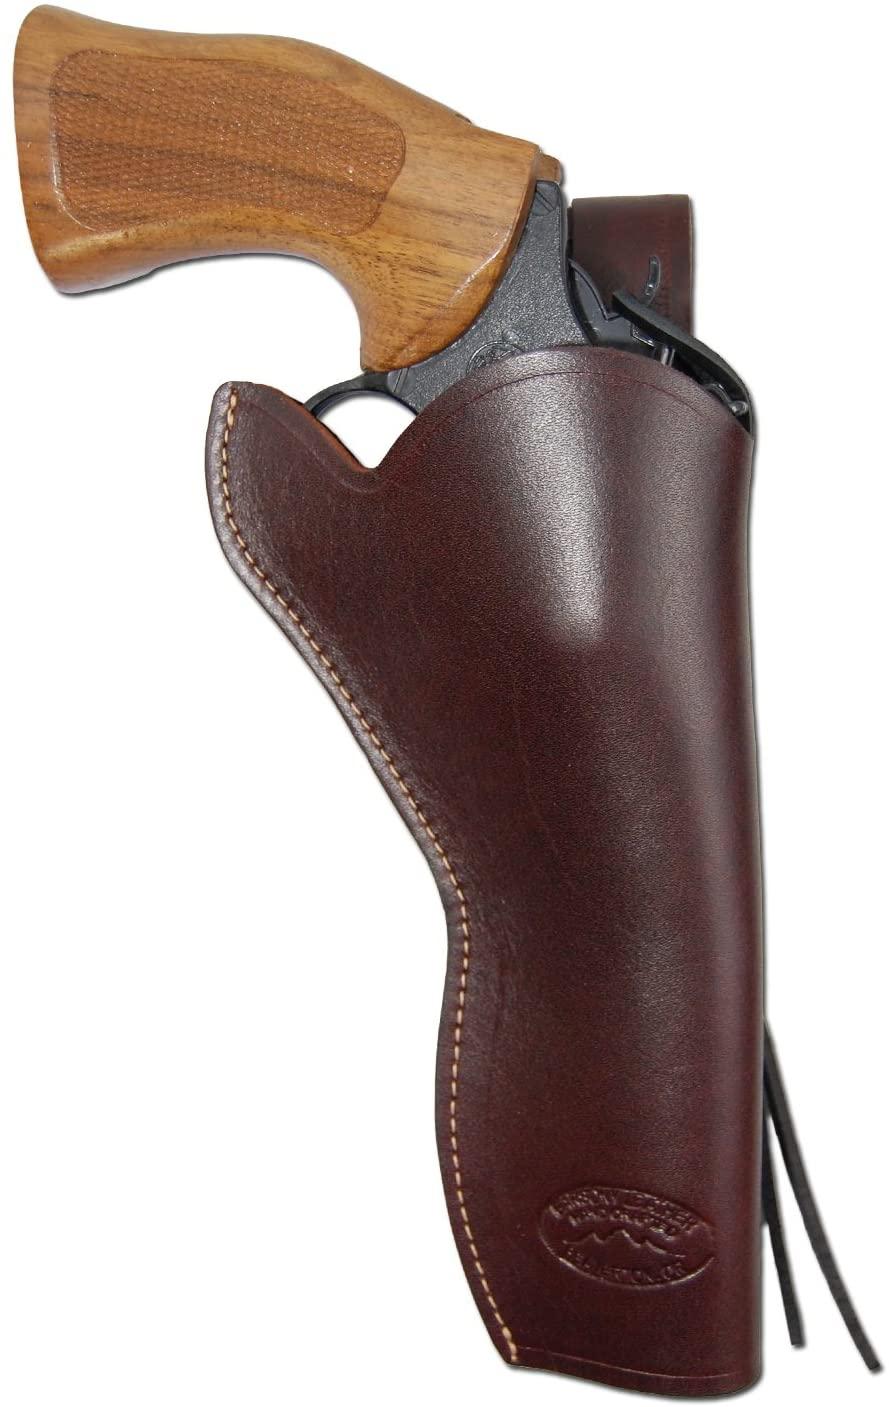 Barsony New Burgundy Leather 49-er Style Gun Holster for 6 inch Revolvers